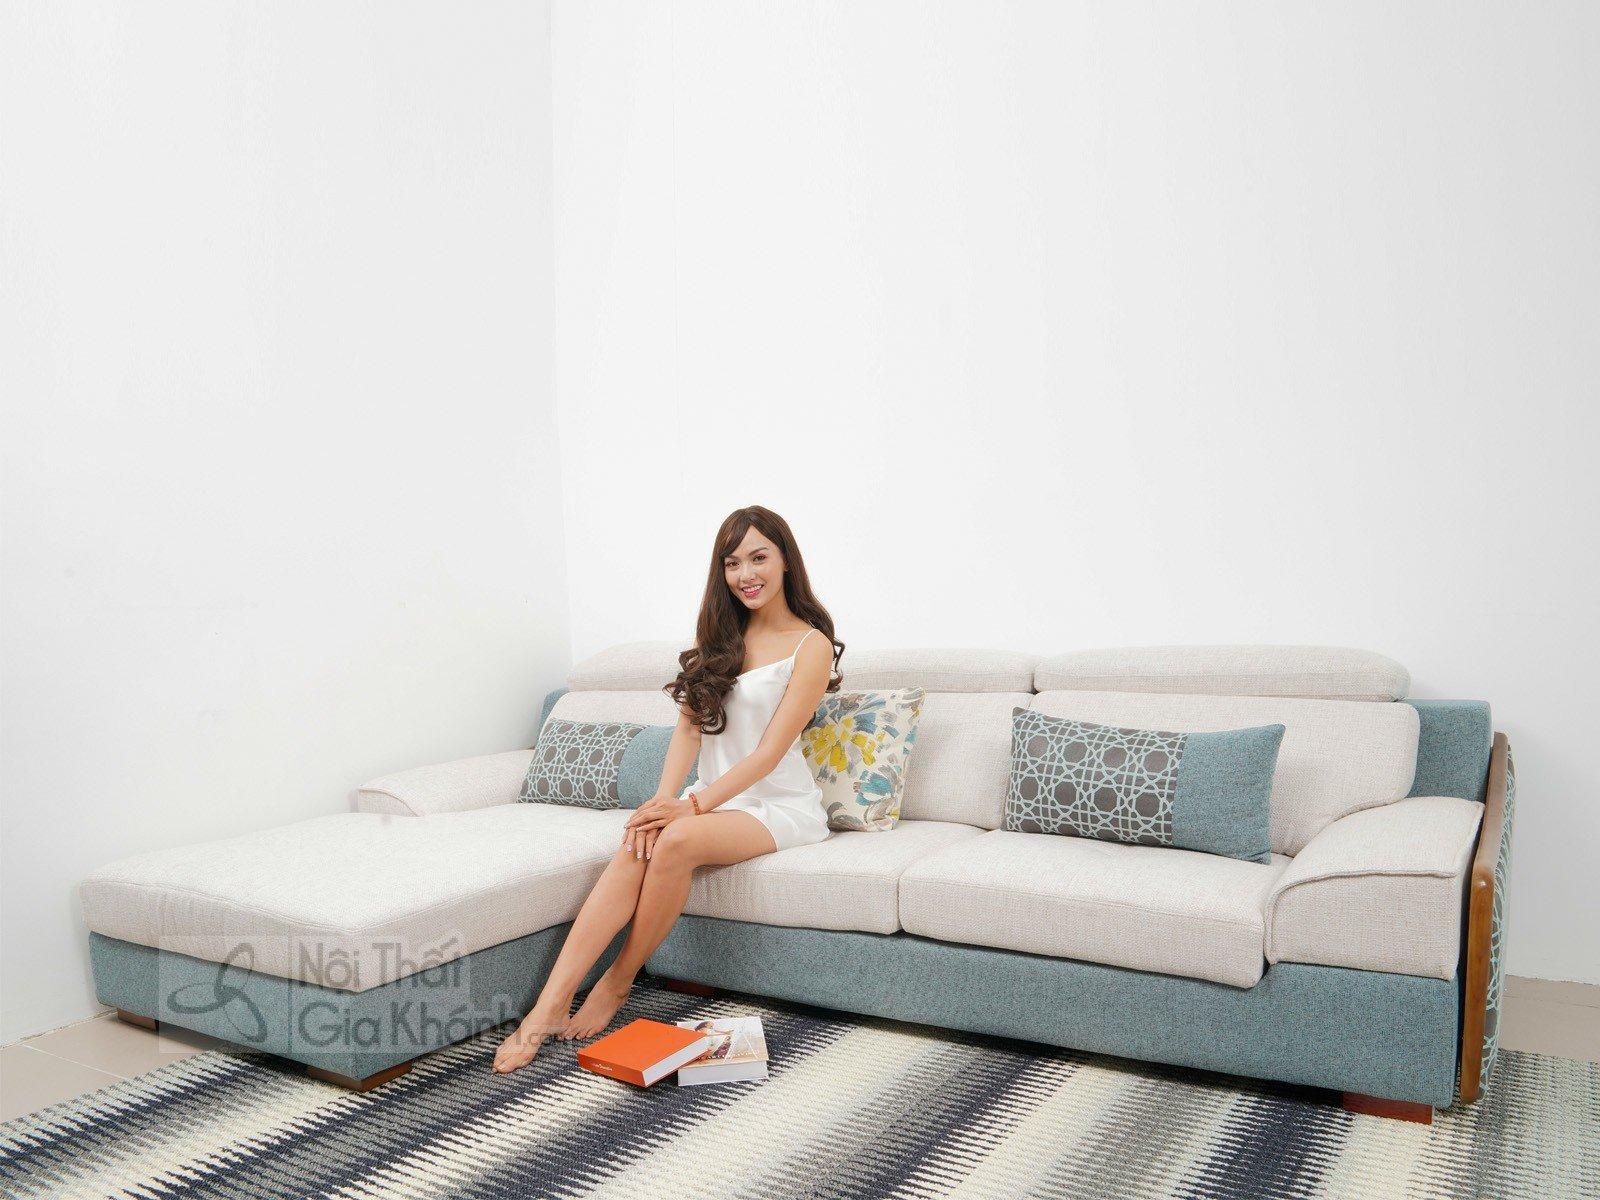 Bàn ghế Sofa vải nhập khẩu cao cấp 2 băng MR801C-SF - sofa hien dai MR801C SF 2900x1800x850 7